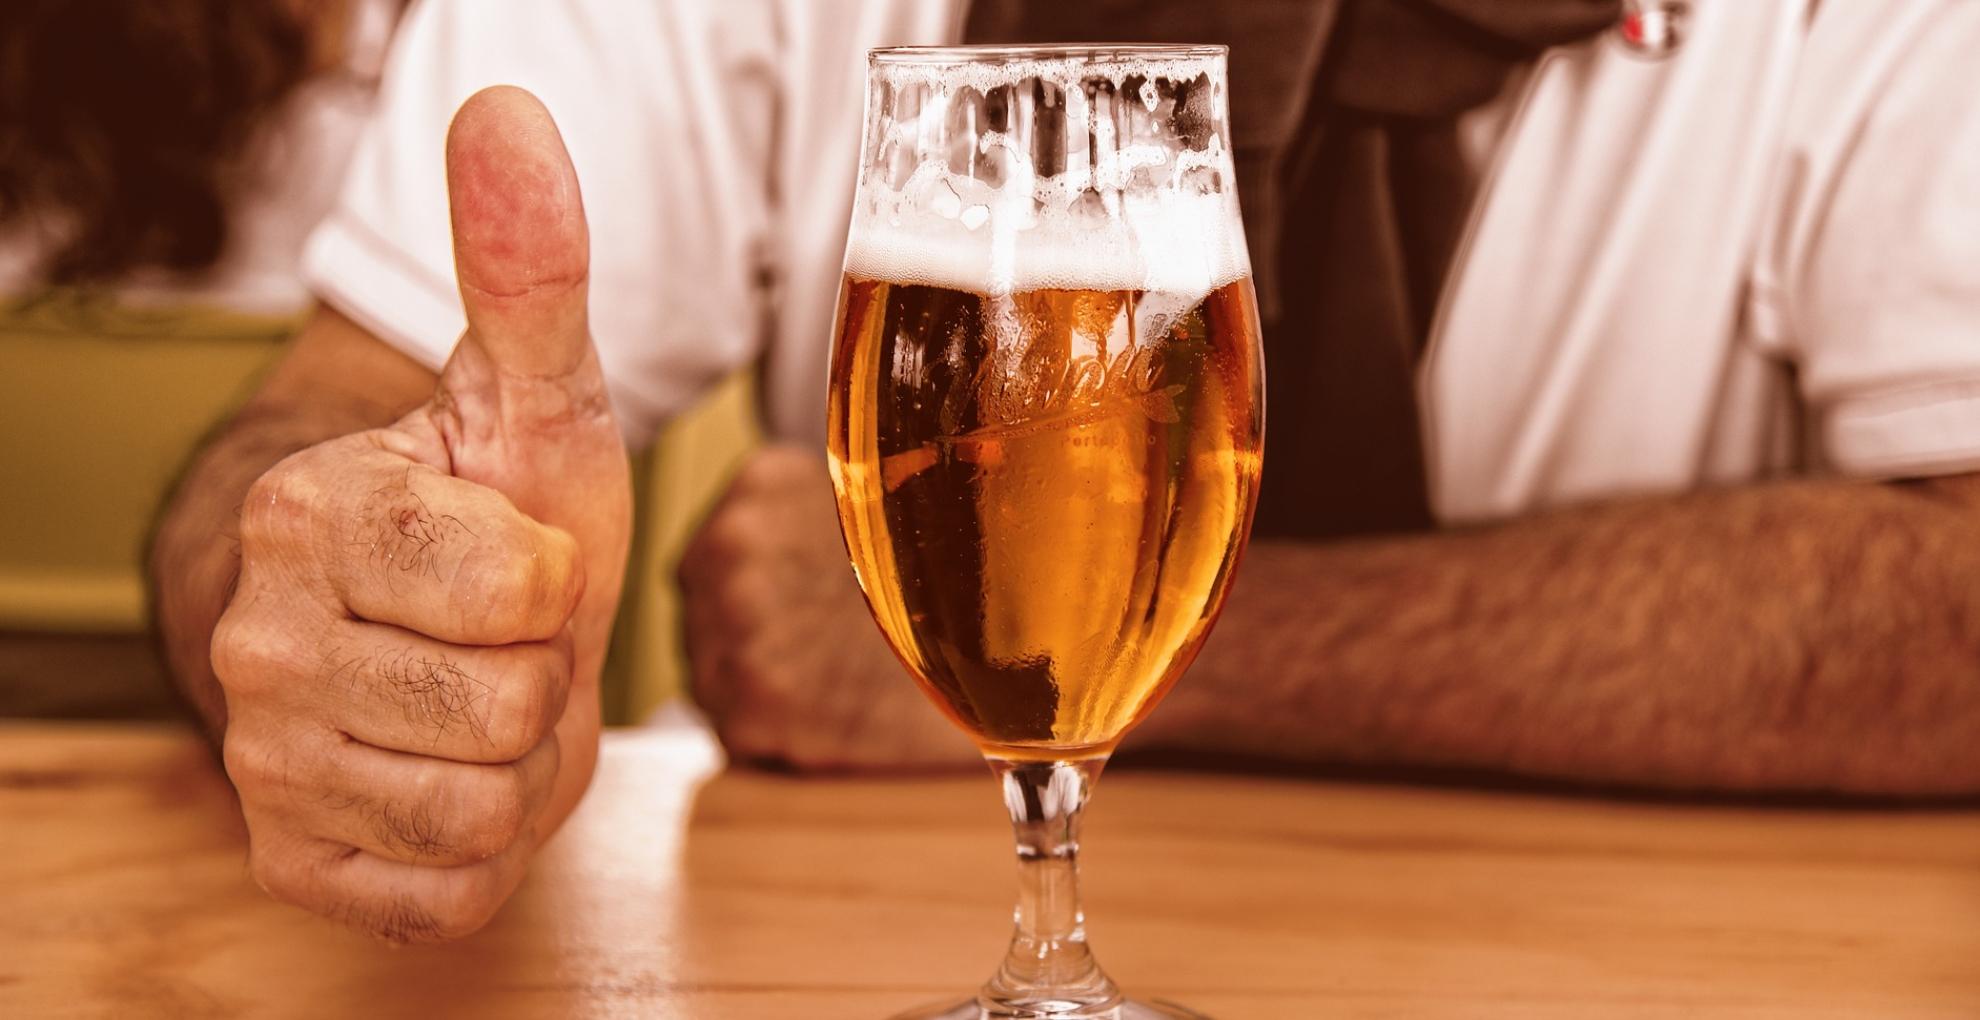 International Beer Day 2019: वजन कम करने के साथ ही कई बीमारियों से बचाती है बीयर, जानिए इसके हेल्थ बेनिफिट